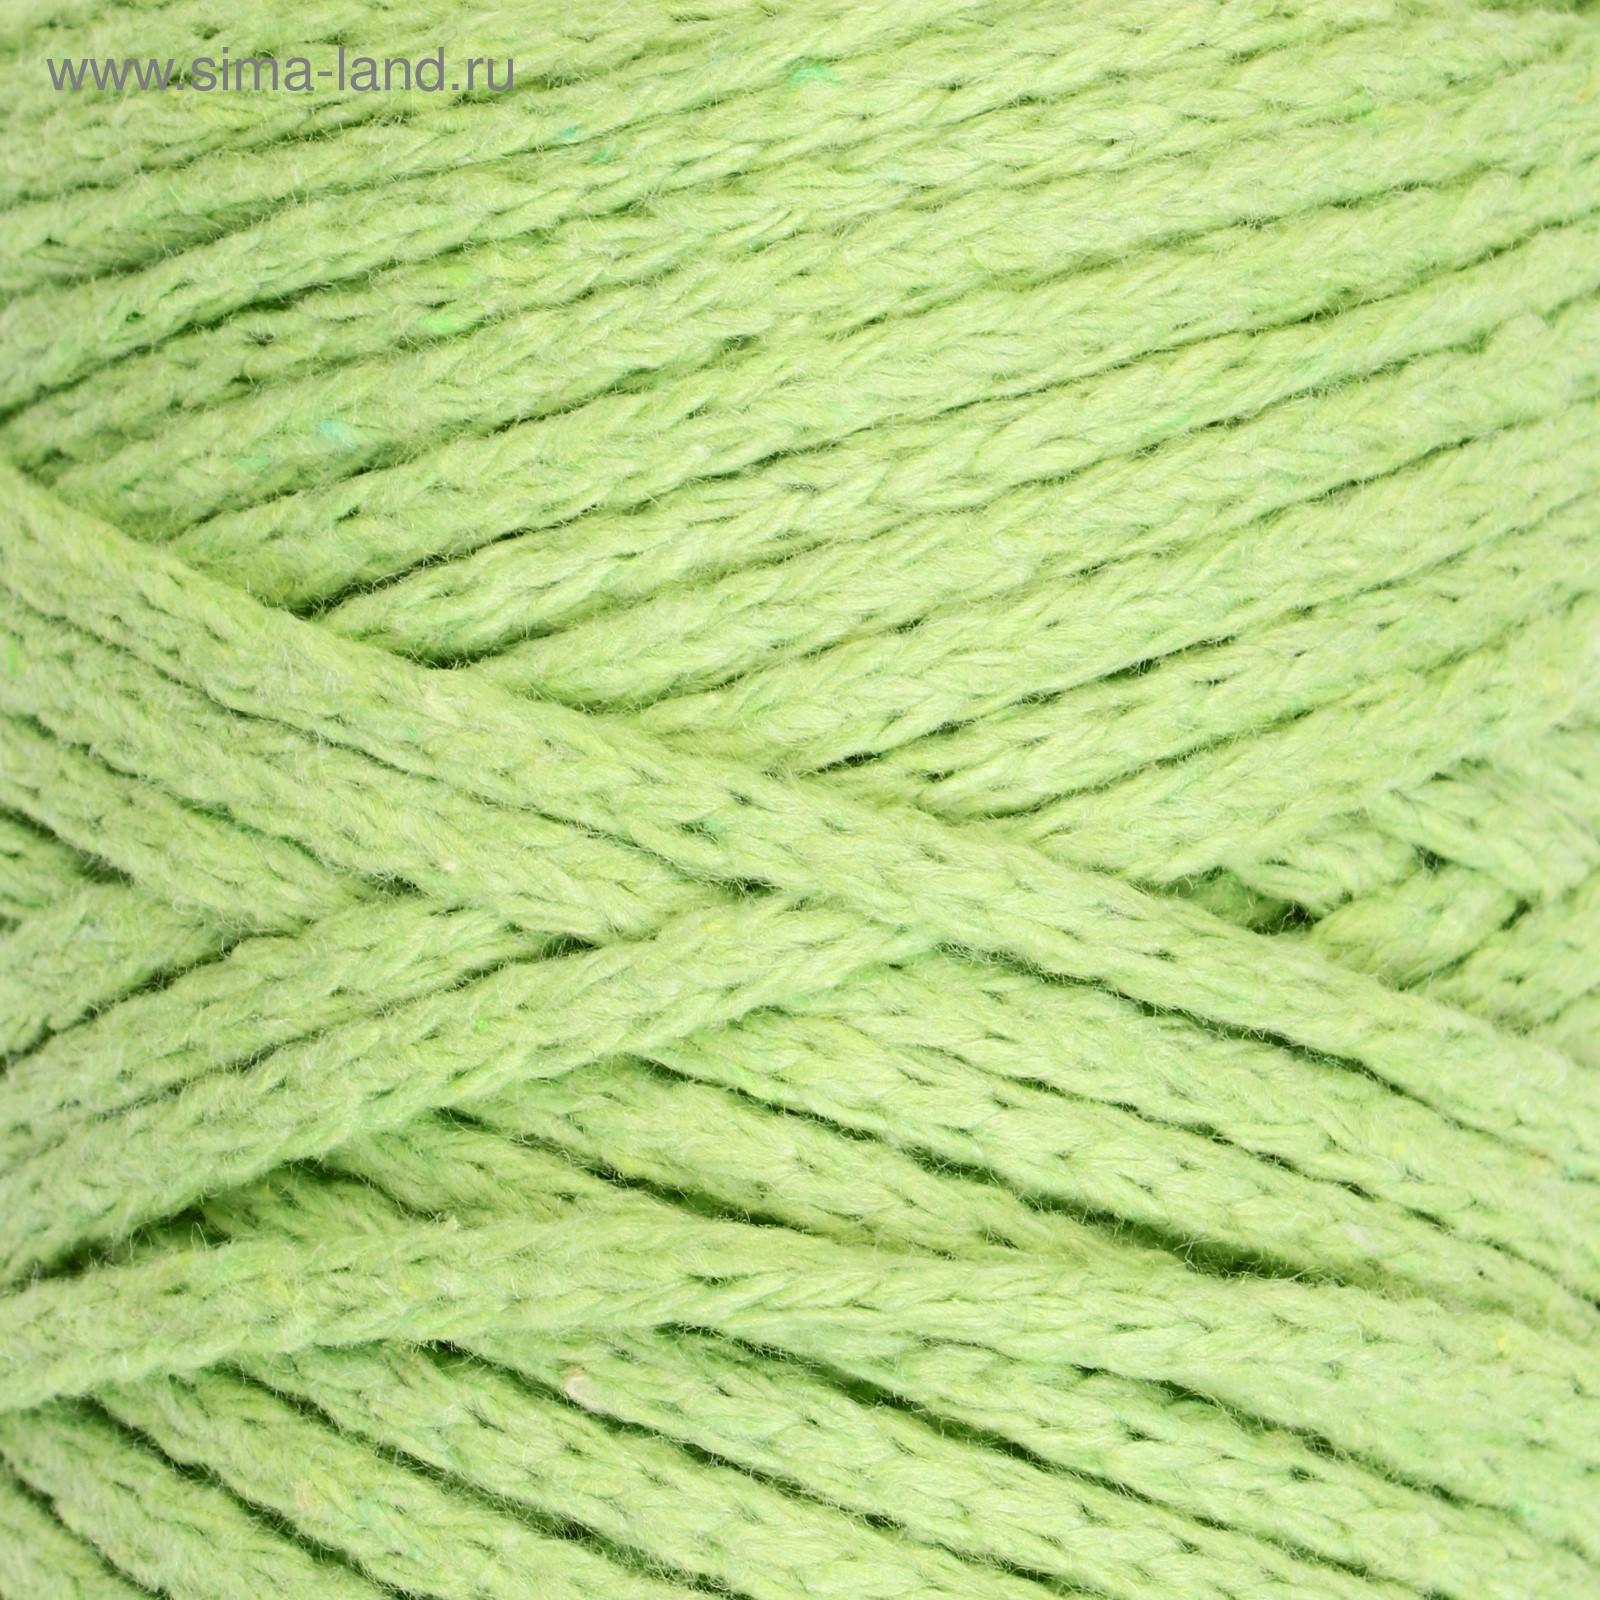 шнур для вязания без сердечника 100 хлопок ширина 3мм 100м250гр